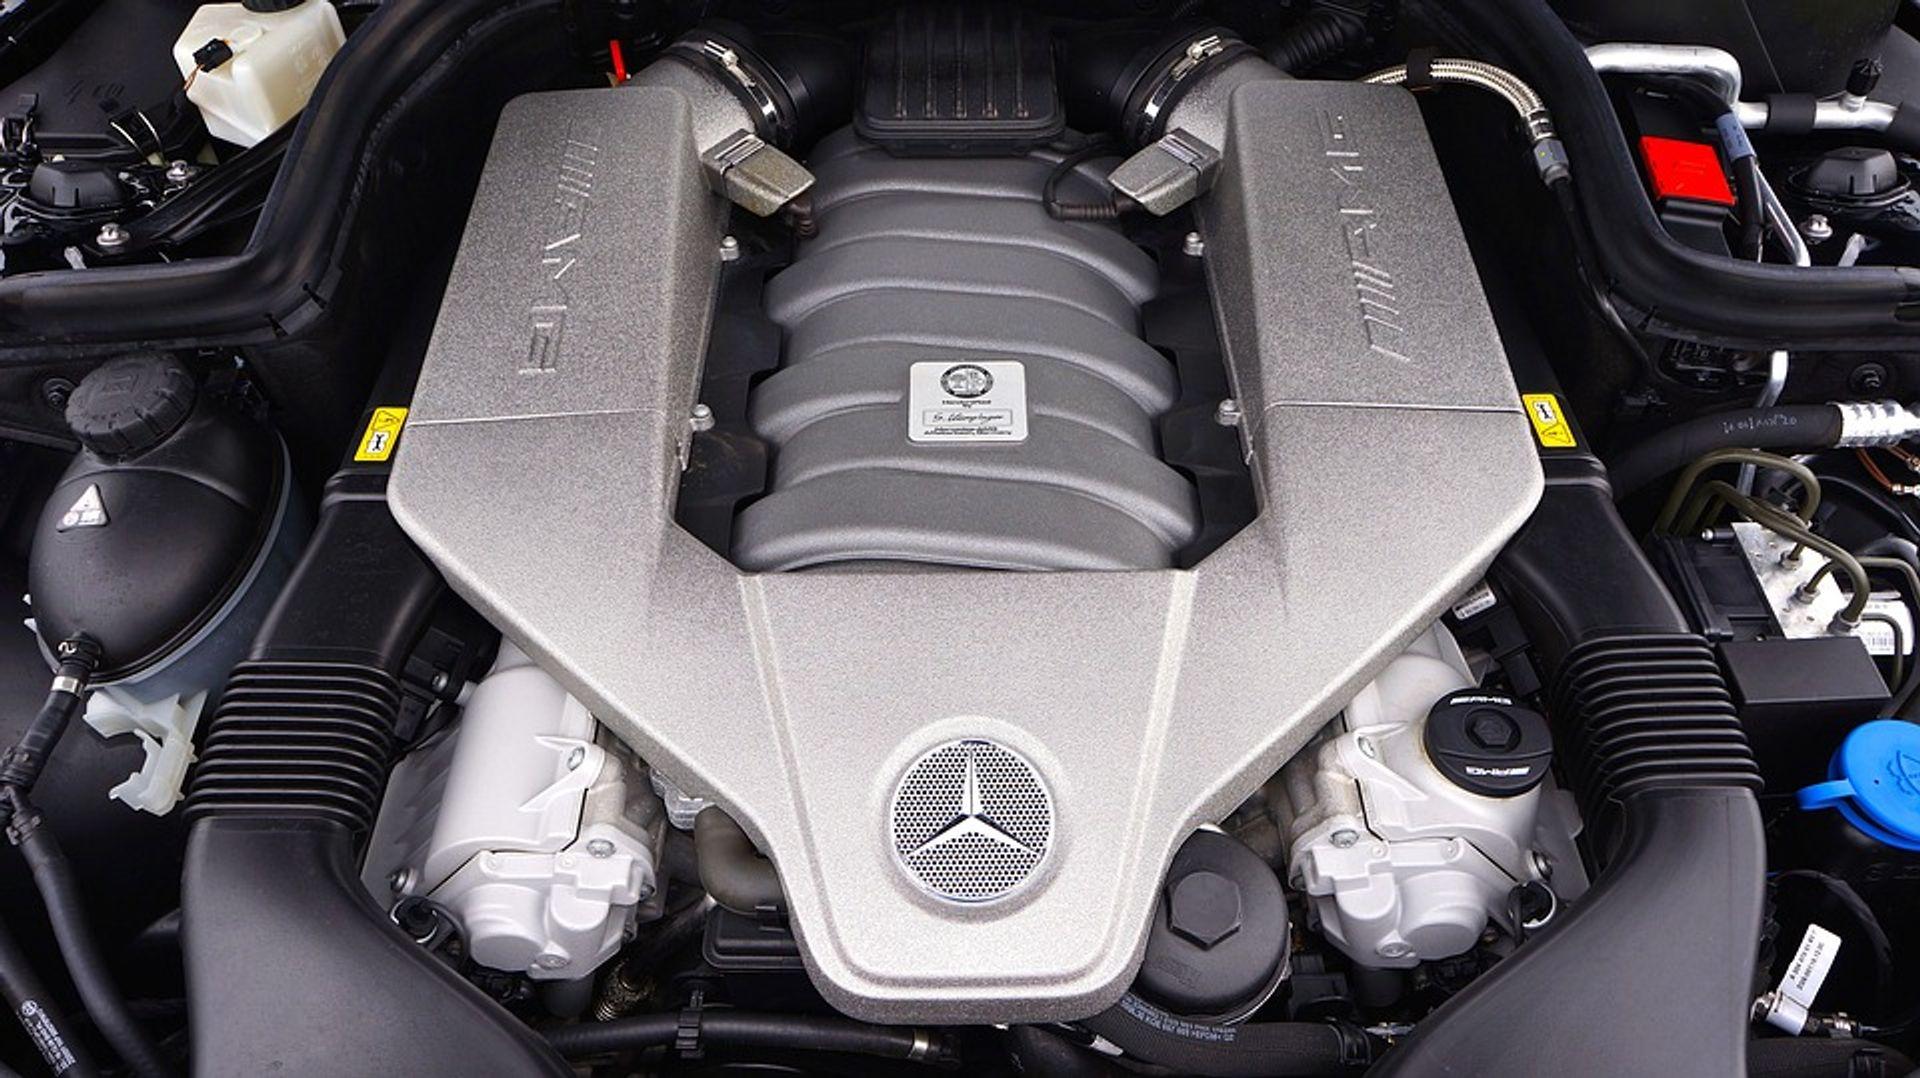 [Dolny Śląsk] Około 19 milionów euro pomocy publicznej dla wielkiej inwestycji Daimlera w Jaworze